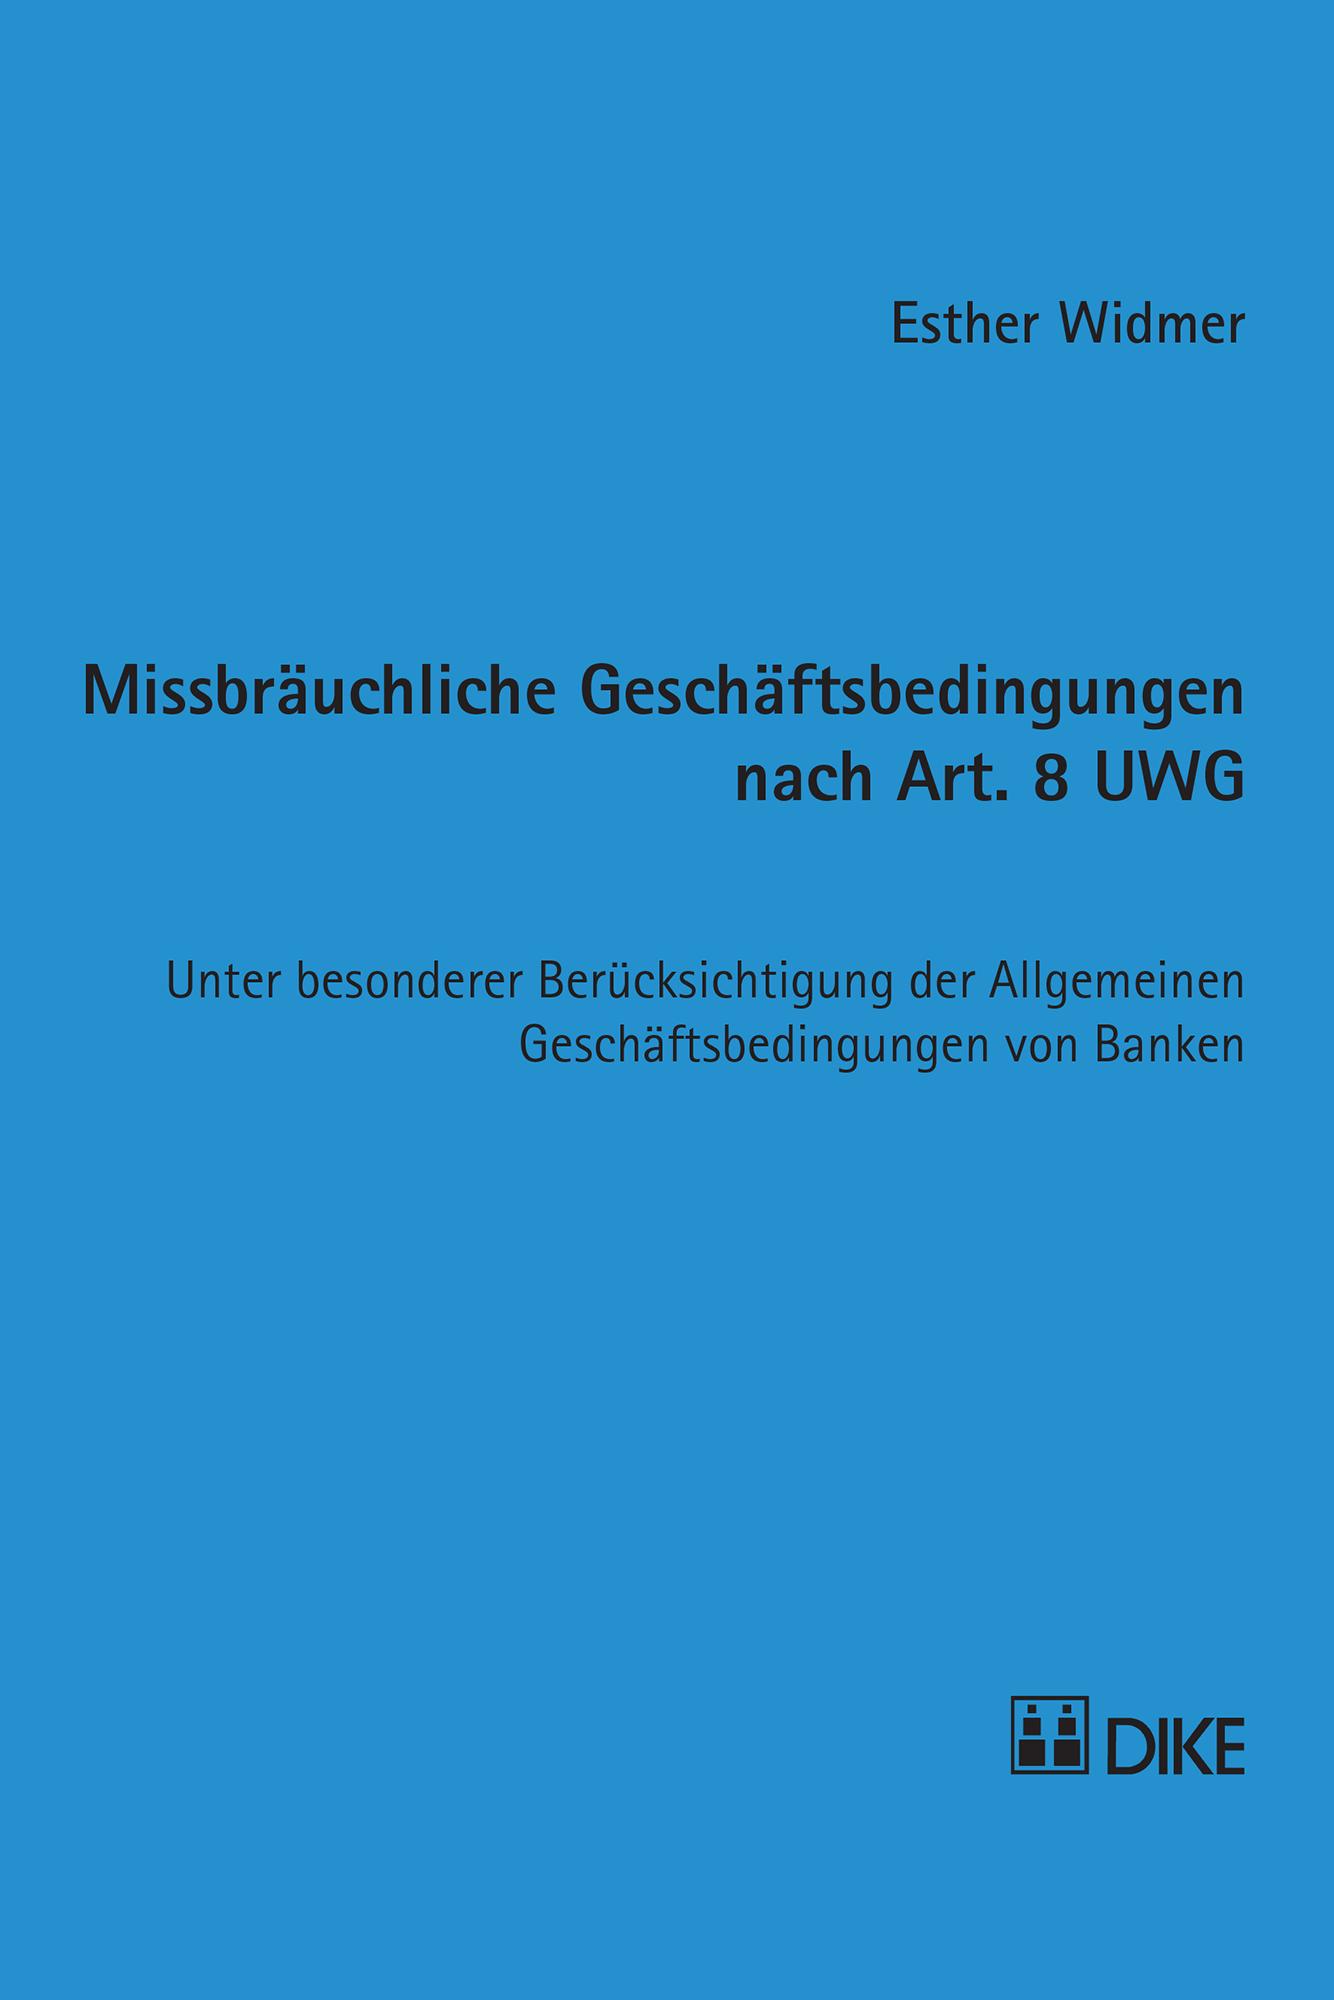 Missbräuchliche Geschäftsbedingungen nach Art. 8 UWG